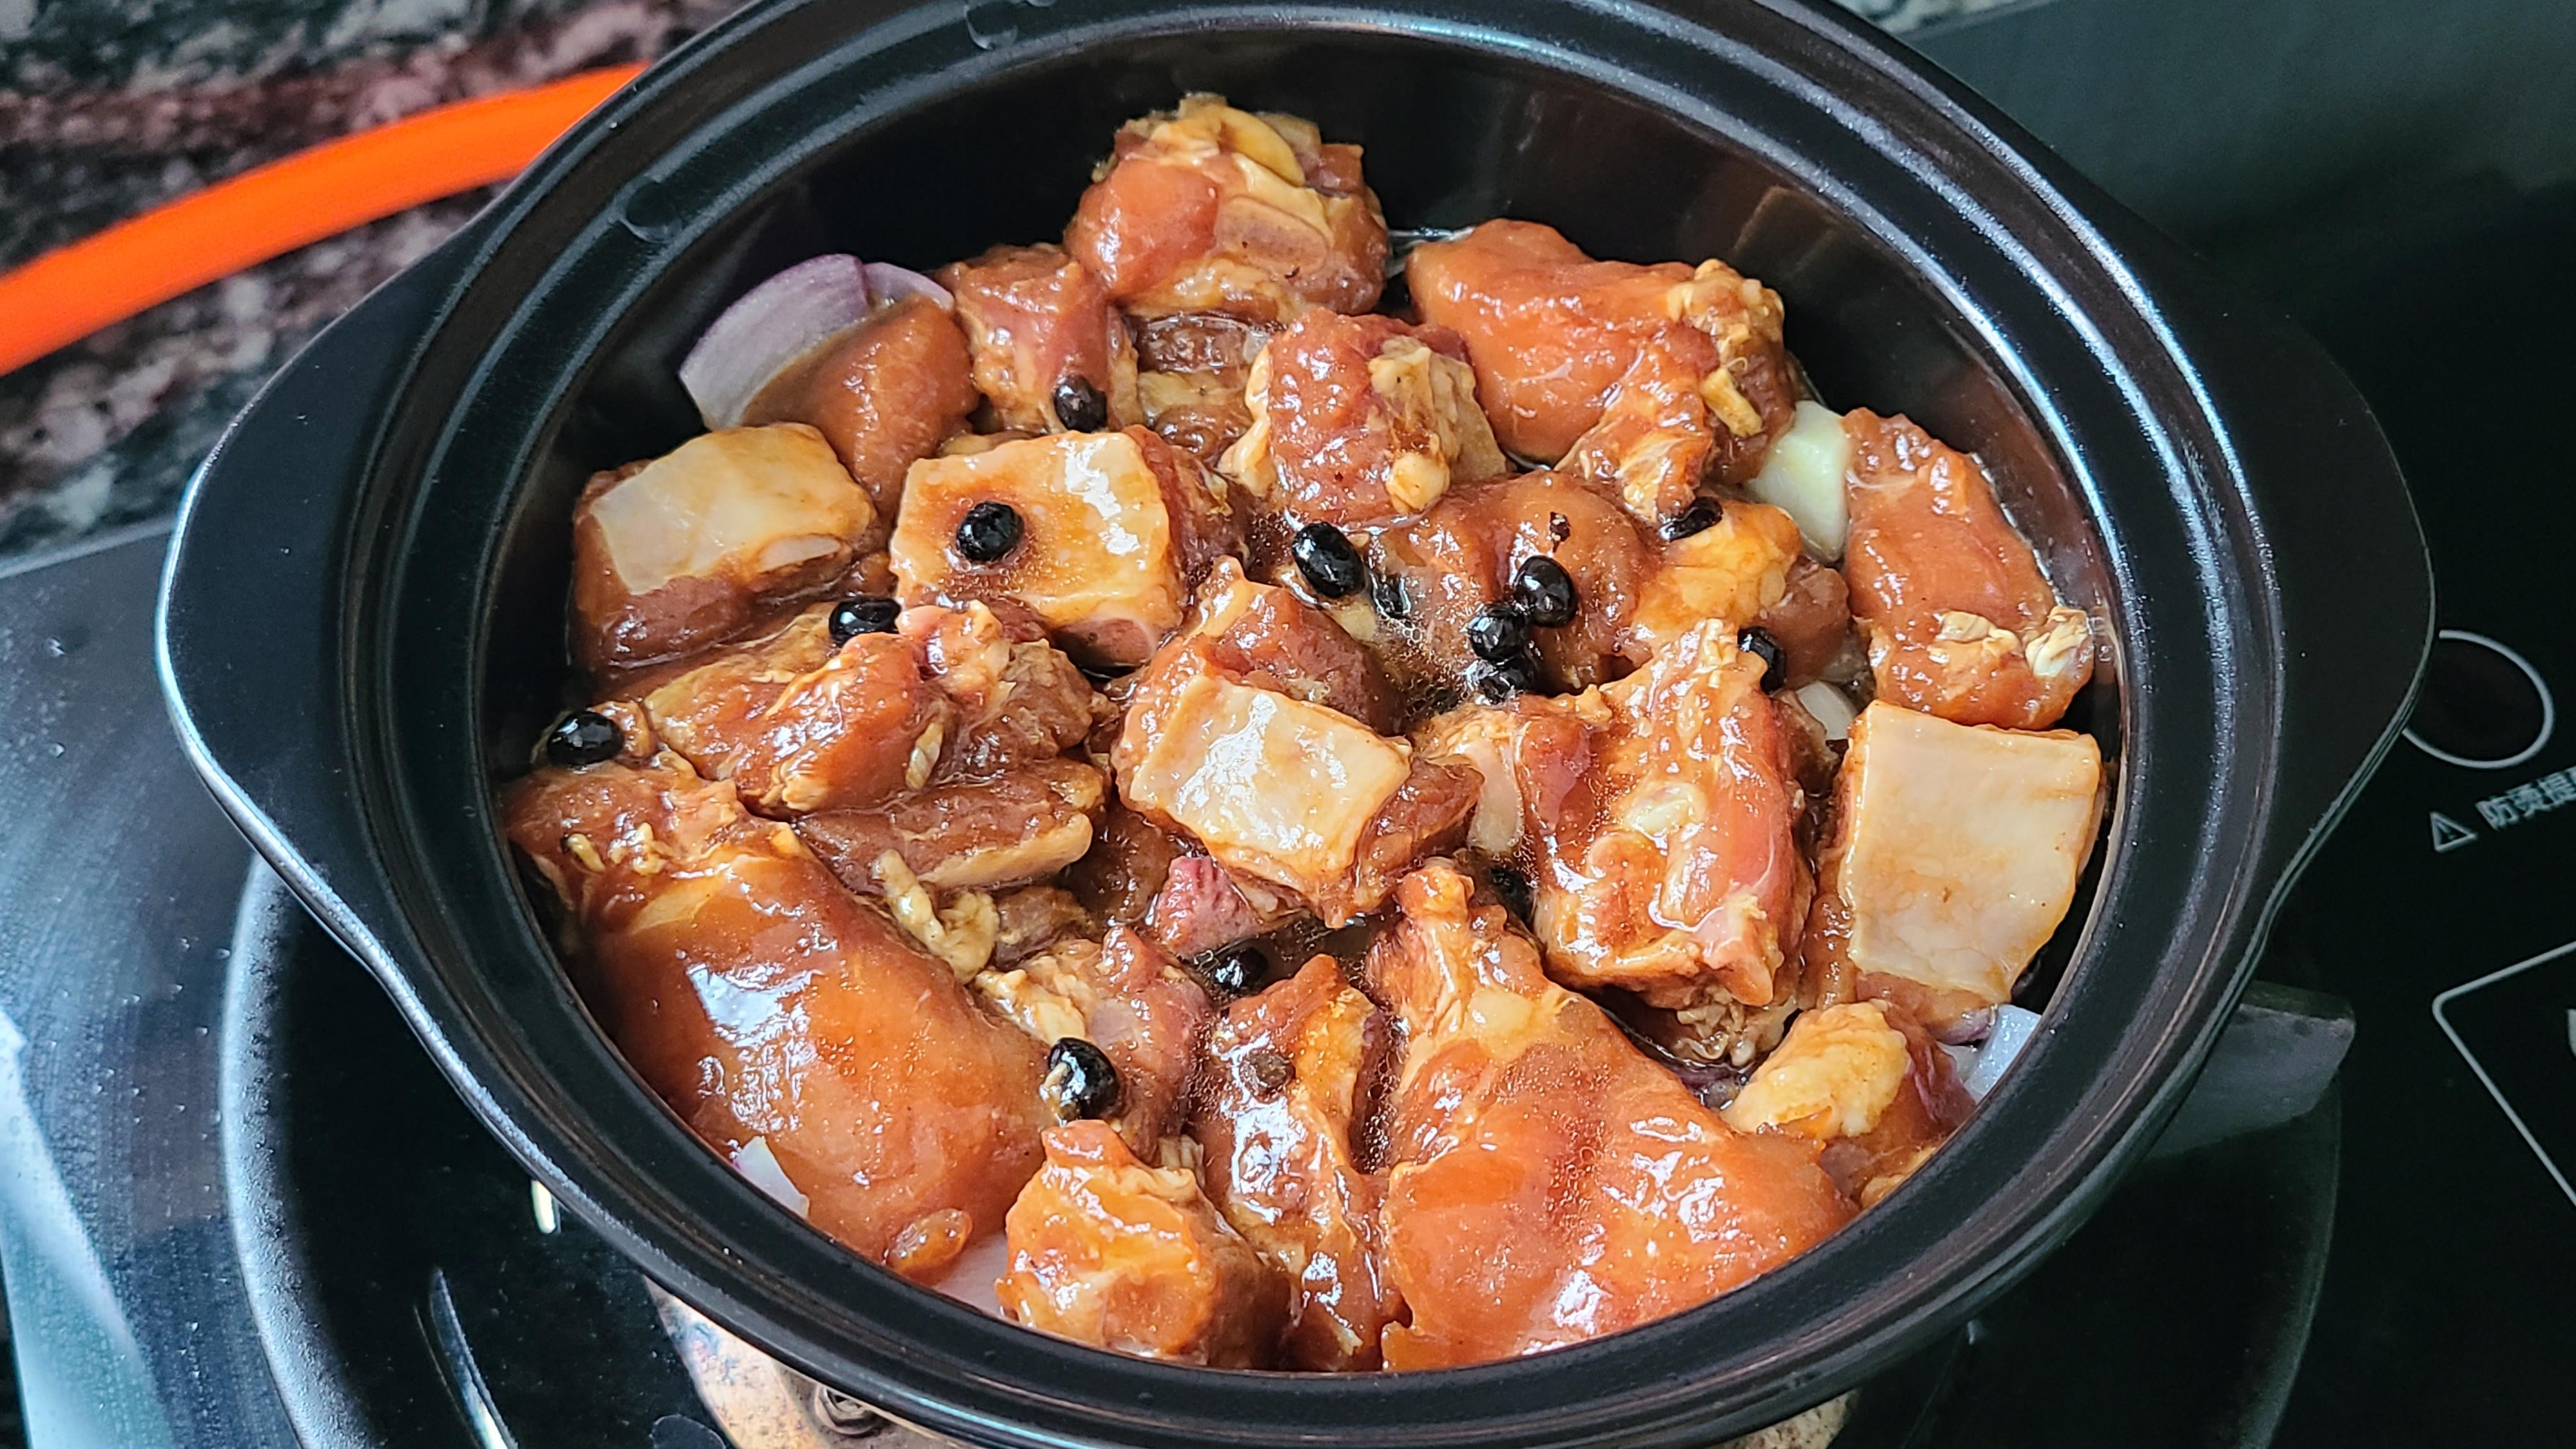 廣東人這樣做排骨太香了,營養好吃味道濃,家常做法又簡單